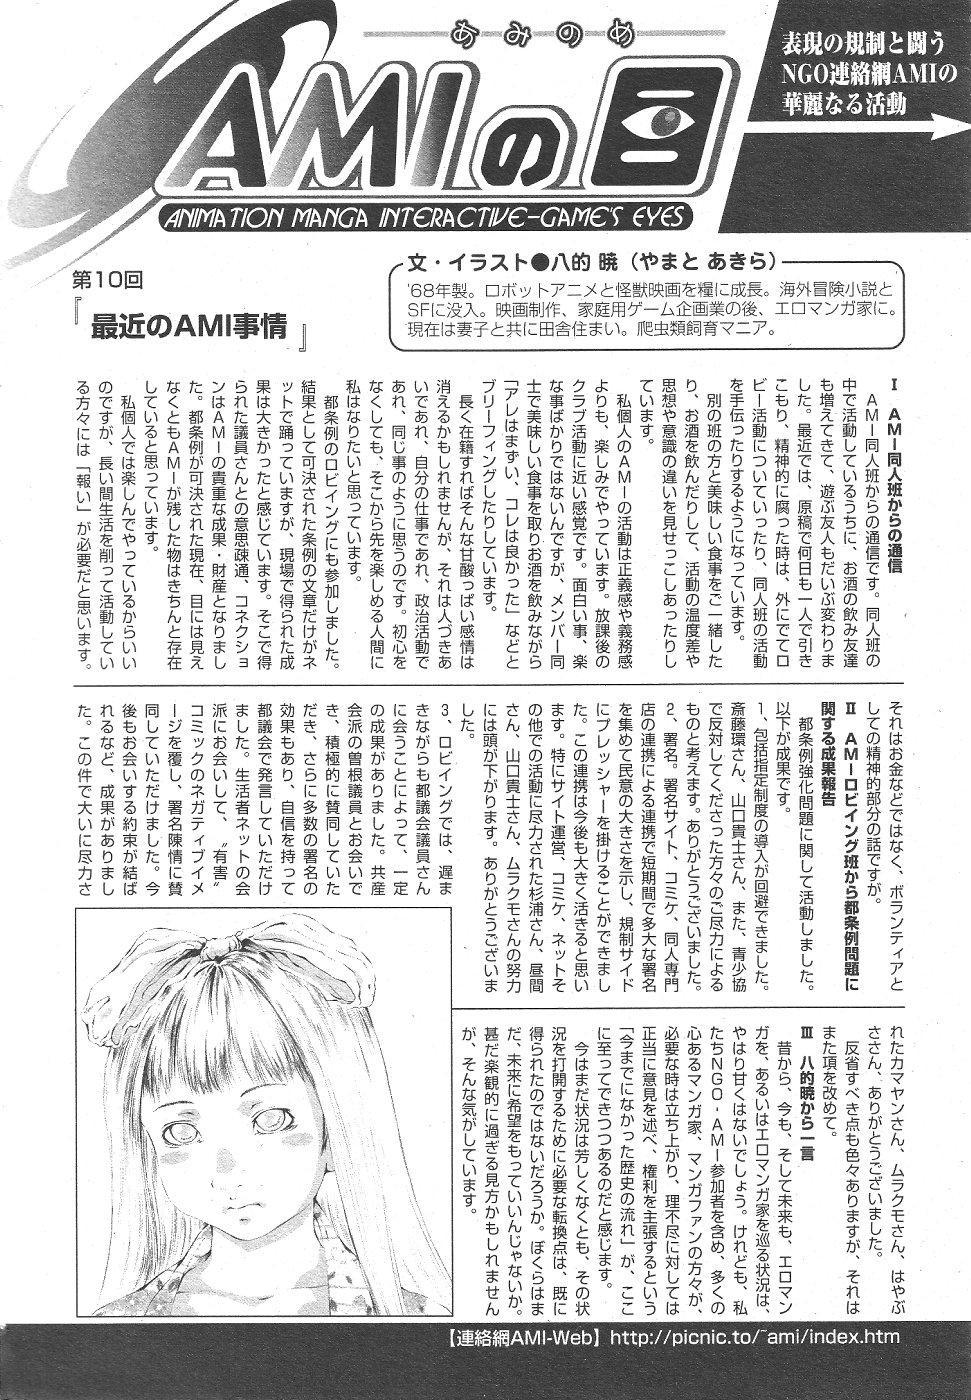 Gekkan Comic Muga 2004-06 Vol.10 299